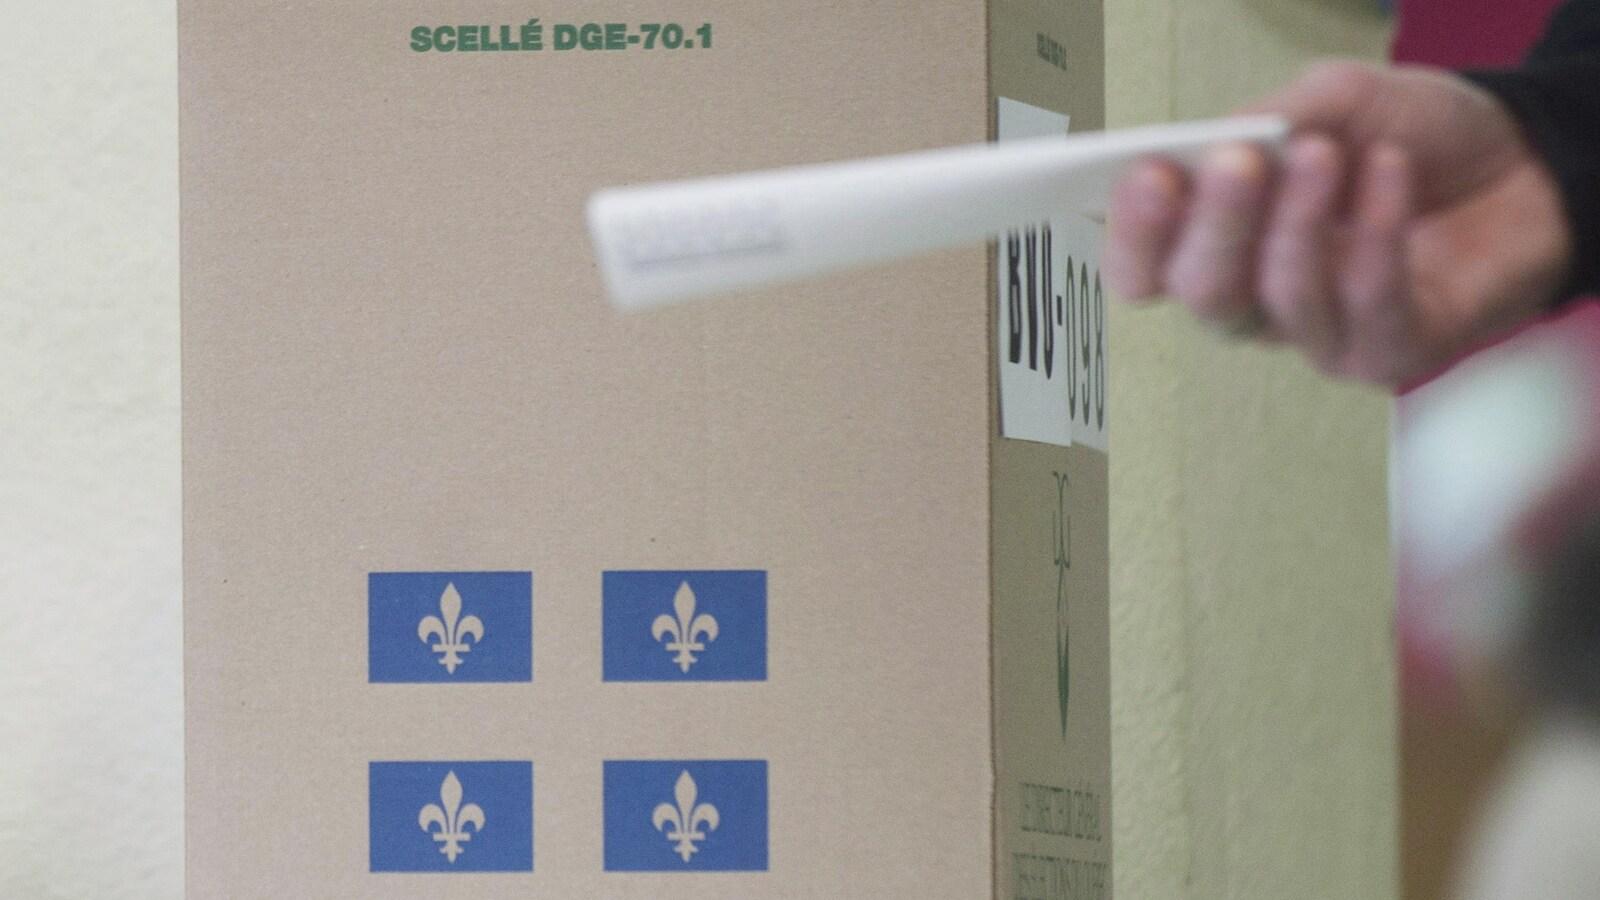 Un électeur dirige son bulletin de vote vers une boîte de scrutin.